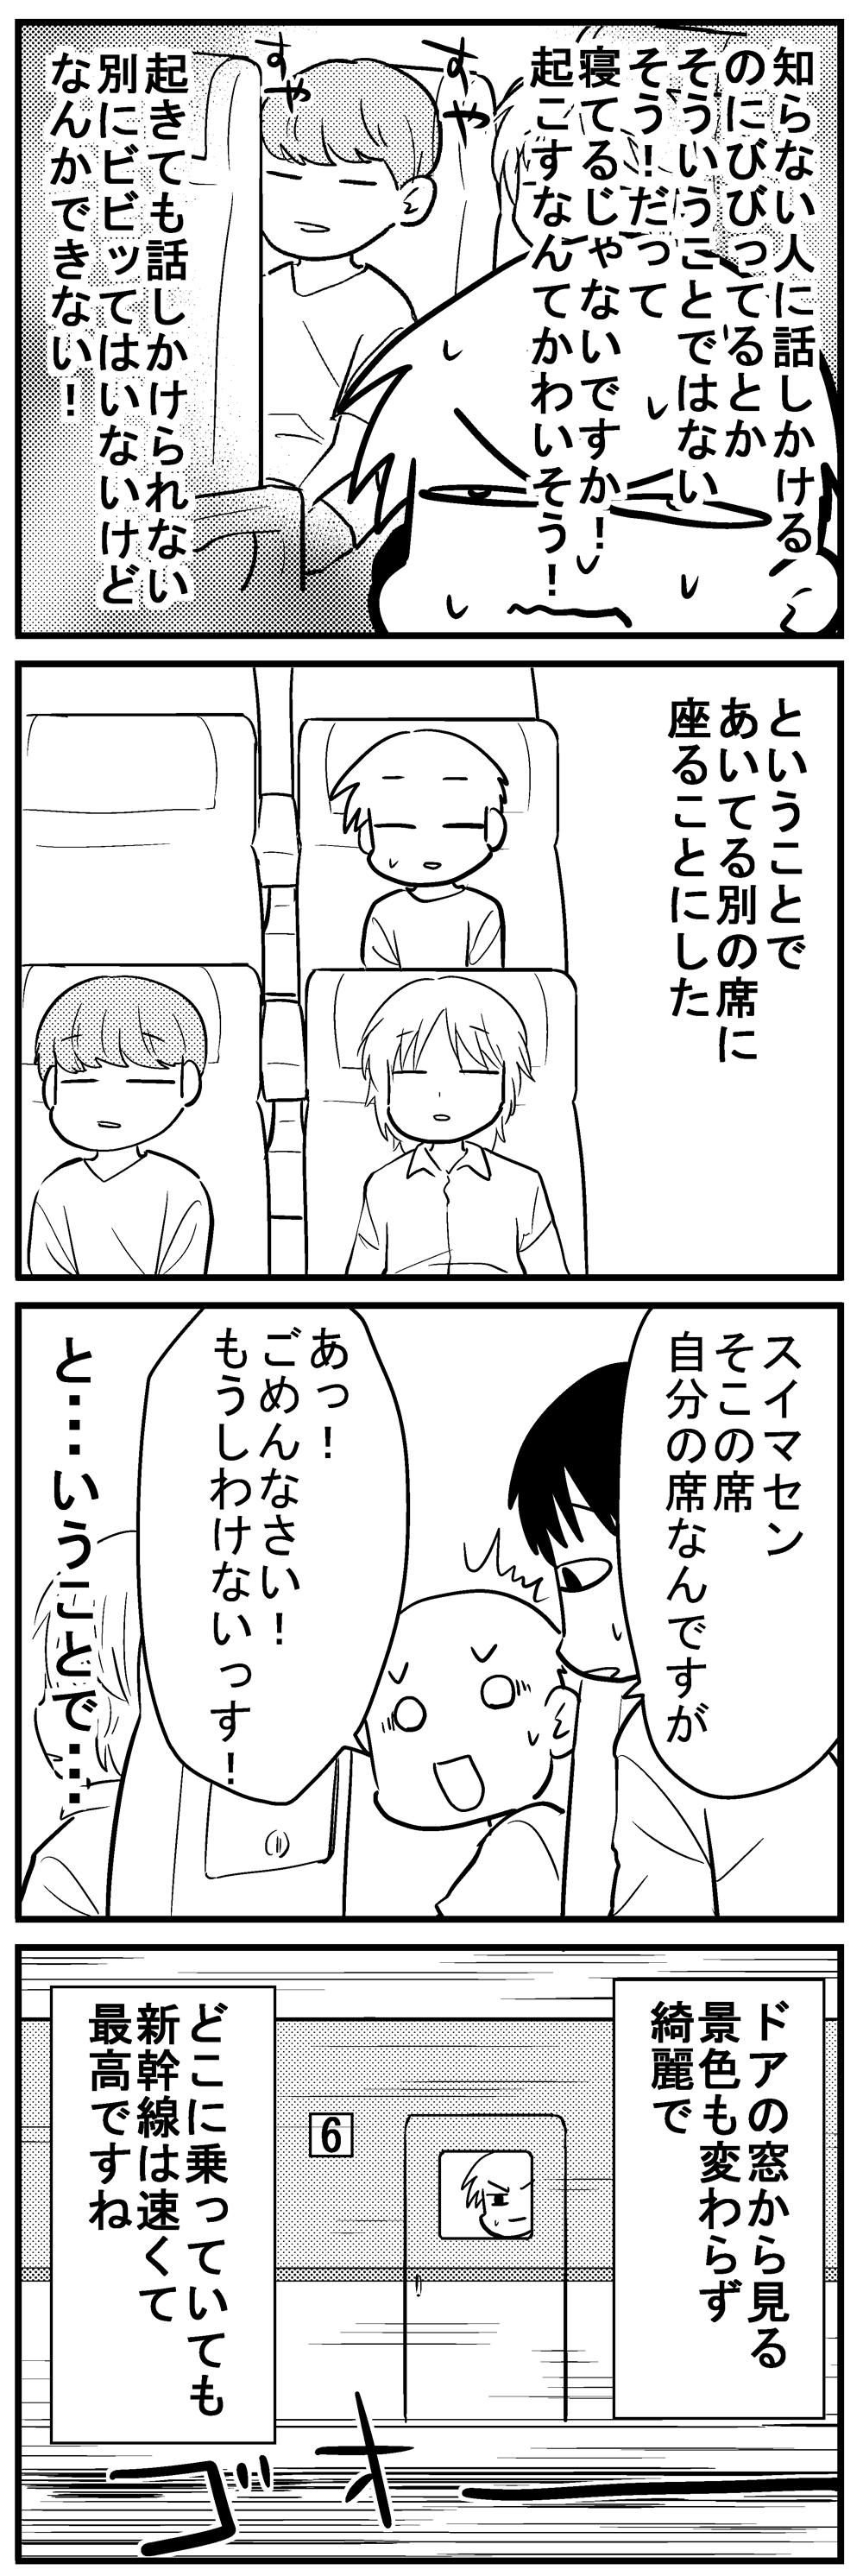 深読みくん60 4